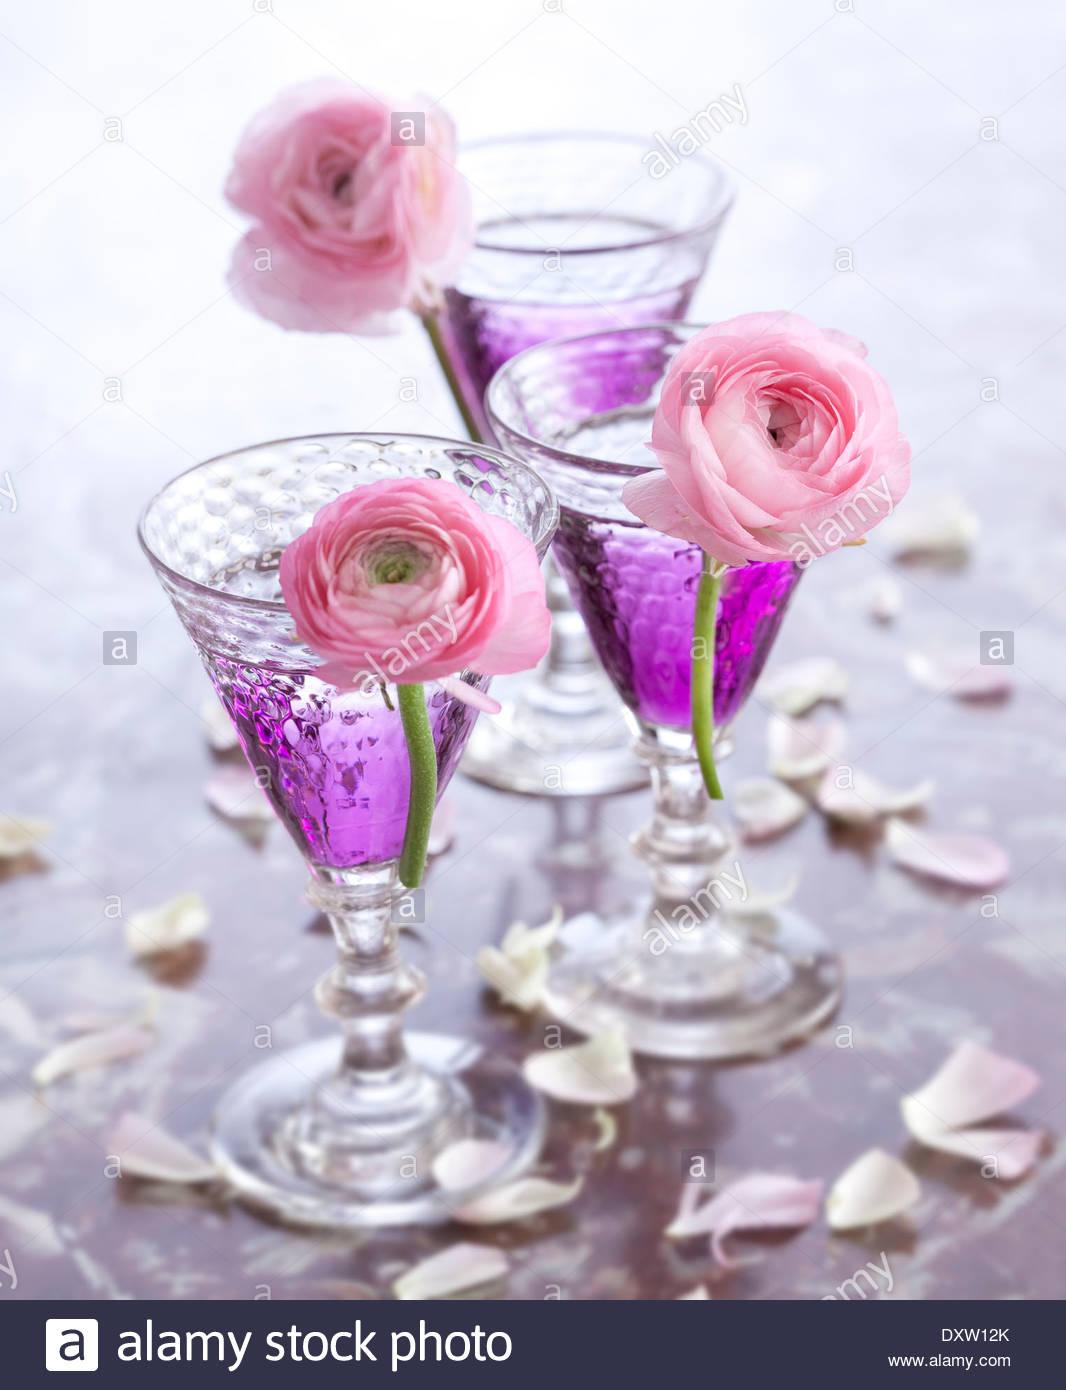 Violet cocktails - Stock Image